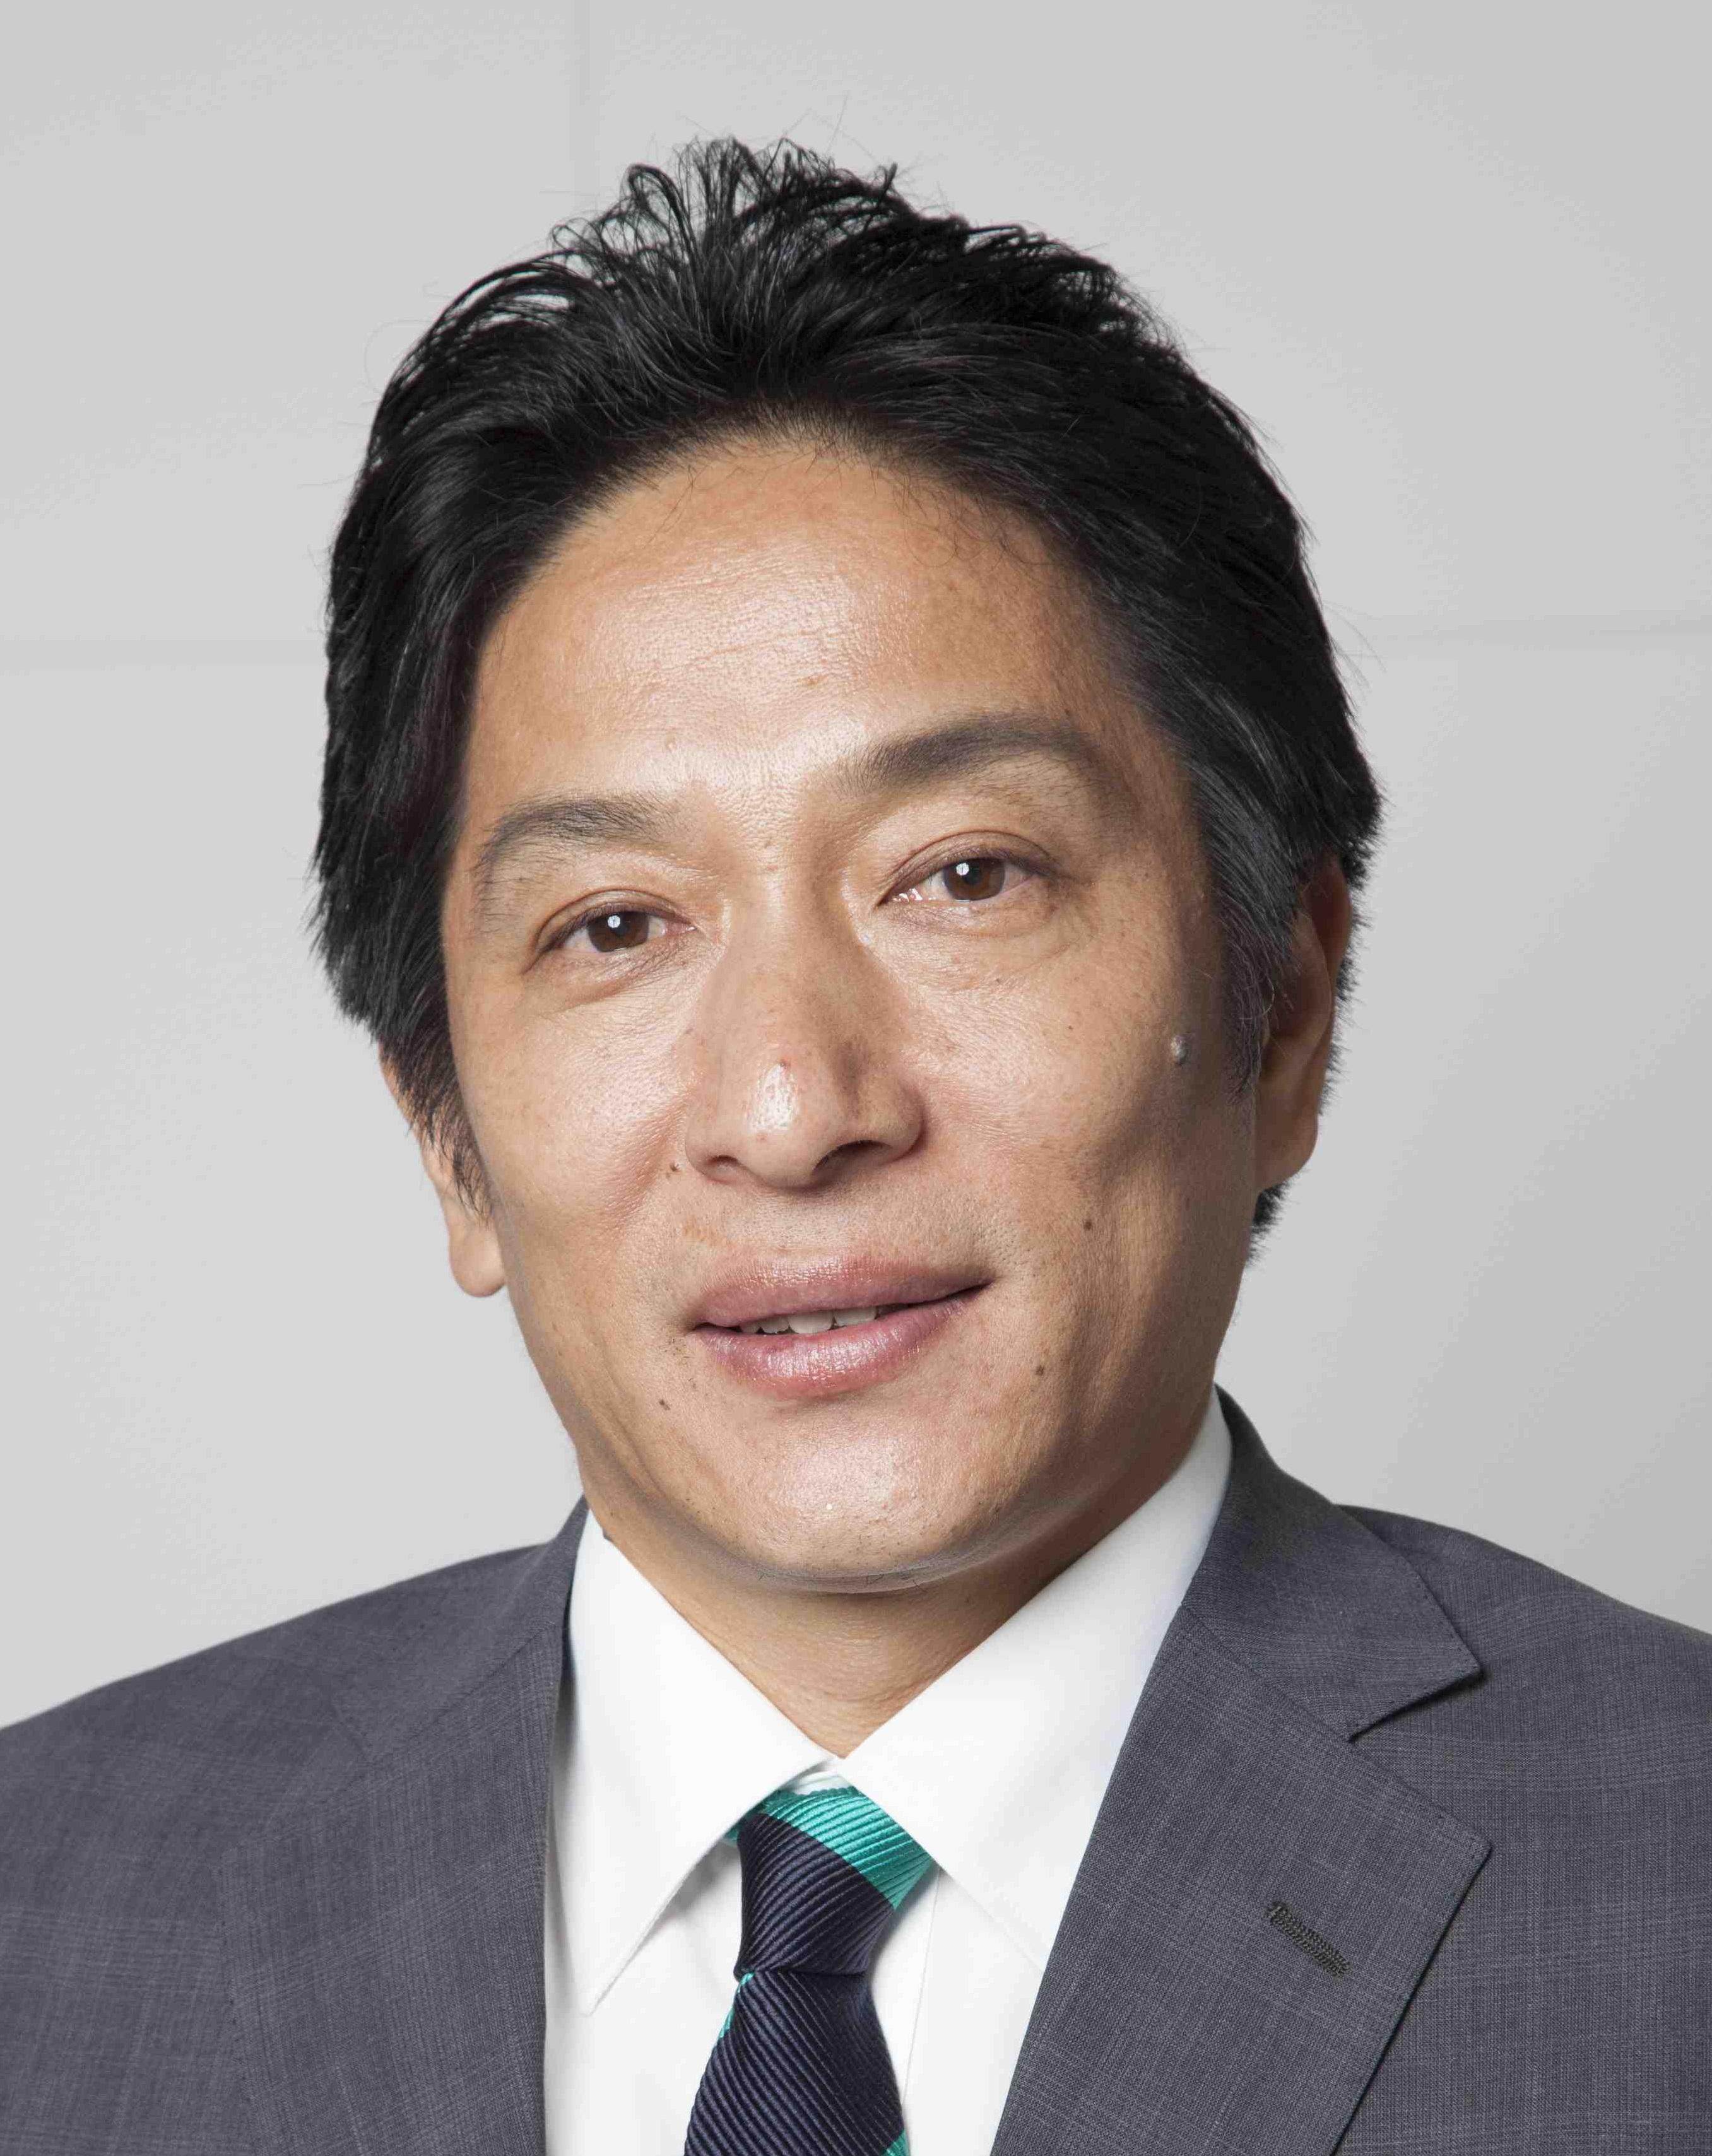 原晋監督プロフィール写真(トリミング後)